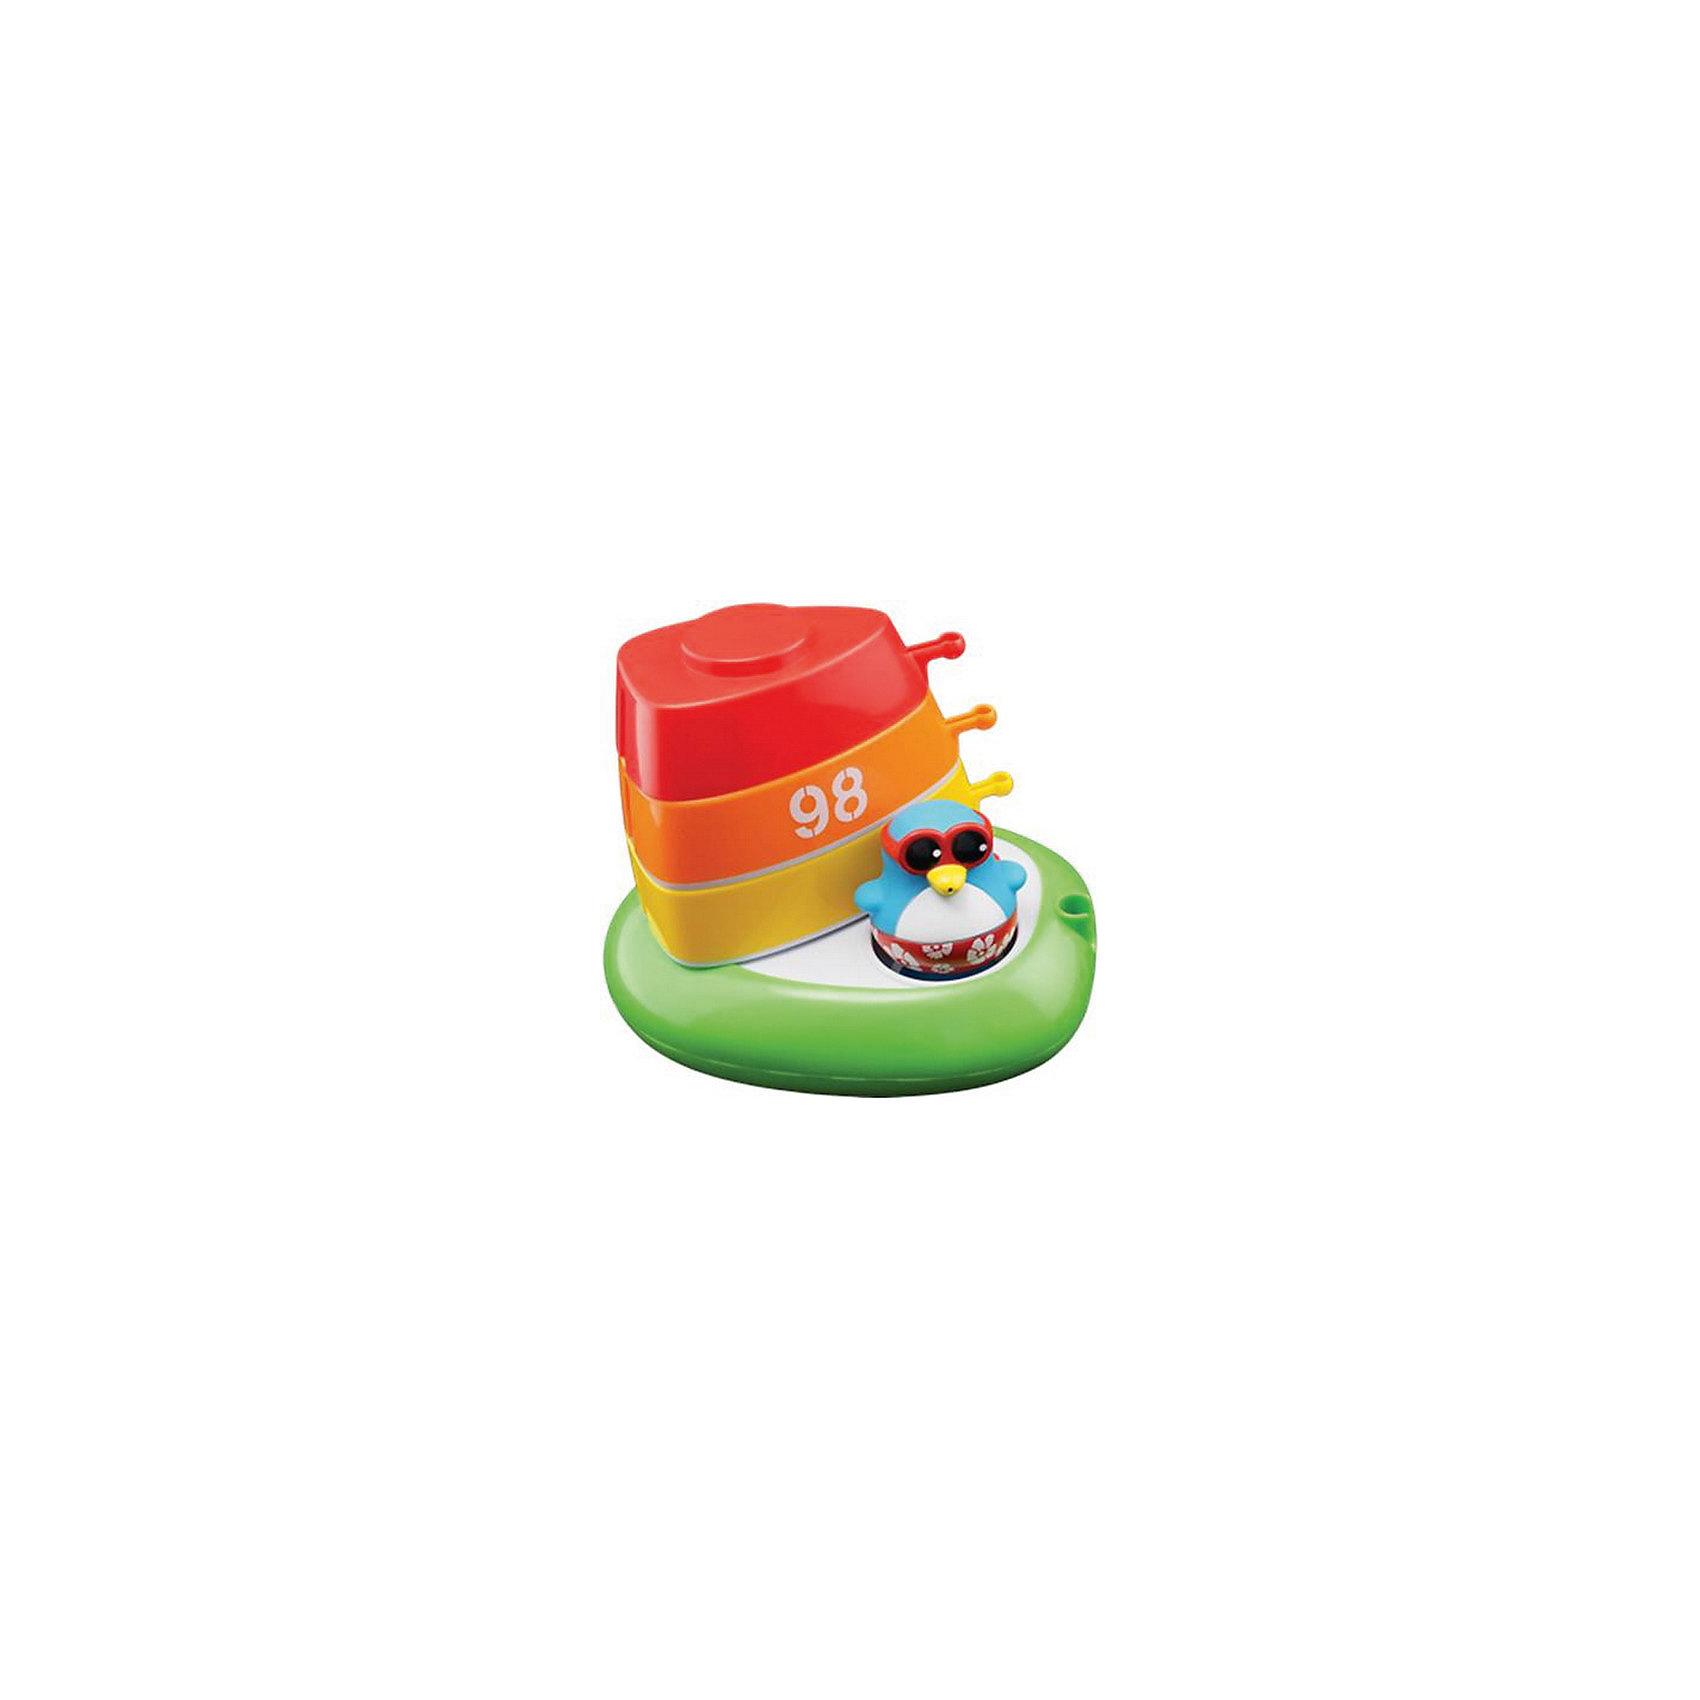 Набор для ванны Лодка с шлюпками, Water FunИгровые наборы<br>Набор для ванны Лодка с шлюпками – это игрушка от компании Toy Target линии Water Fun, которая сделает купание незабываемым и позитивным! Традиционные уточки уступили свои лавры забавным пингвинам в ярких плавках!<br>Шлюпки можно соединить между собой, или компактно составить на лодке. Пингвин в этом наборе невероятно привлекателен – цветочные плавки очень гармонично смотрятся с солнечными очками. Шлюпки можно использовать для того, чтобы рассадить в каждую других пингвинов и провести для них водную экскурсию по Вашей ванной.<br><br>Дополнительная информация:<br><br>В комплект входят лодка, три шлюпки и фигурка пингвина.<br>Размеры упаковки: 38 х 32 х 24 см<br><br>Набор для ванны Лодка с шлюпками, Water Fun можно купить в нашем магазине.<br><br>Ширина мм: 386<br>Глубина мм: 320<br>Высота мм: 245<br>Вес г: 458<br>Возраст от месяцев: 0<br>Возраст до месяцев: 36<br>Пол: Унисекс<br>Возраст: Детский<br>SKU: 4133148